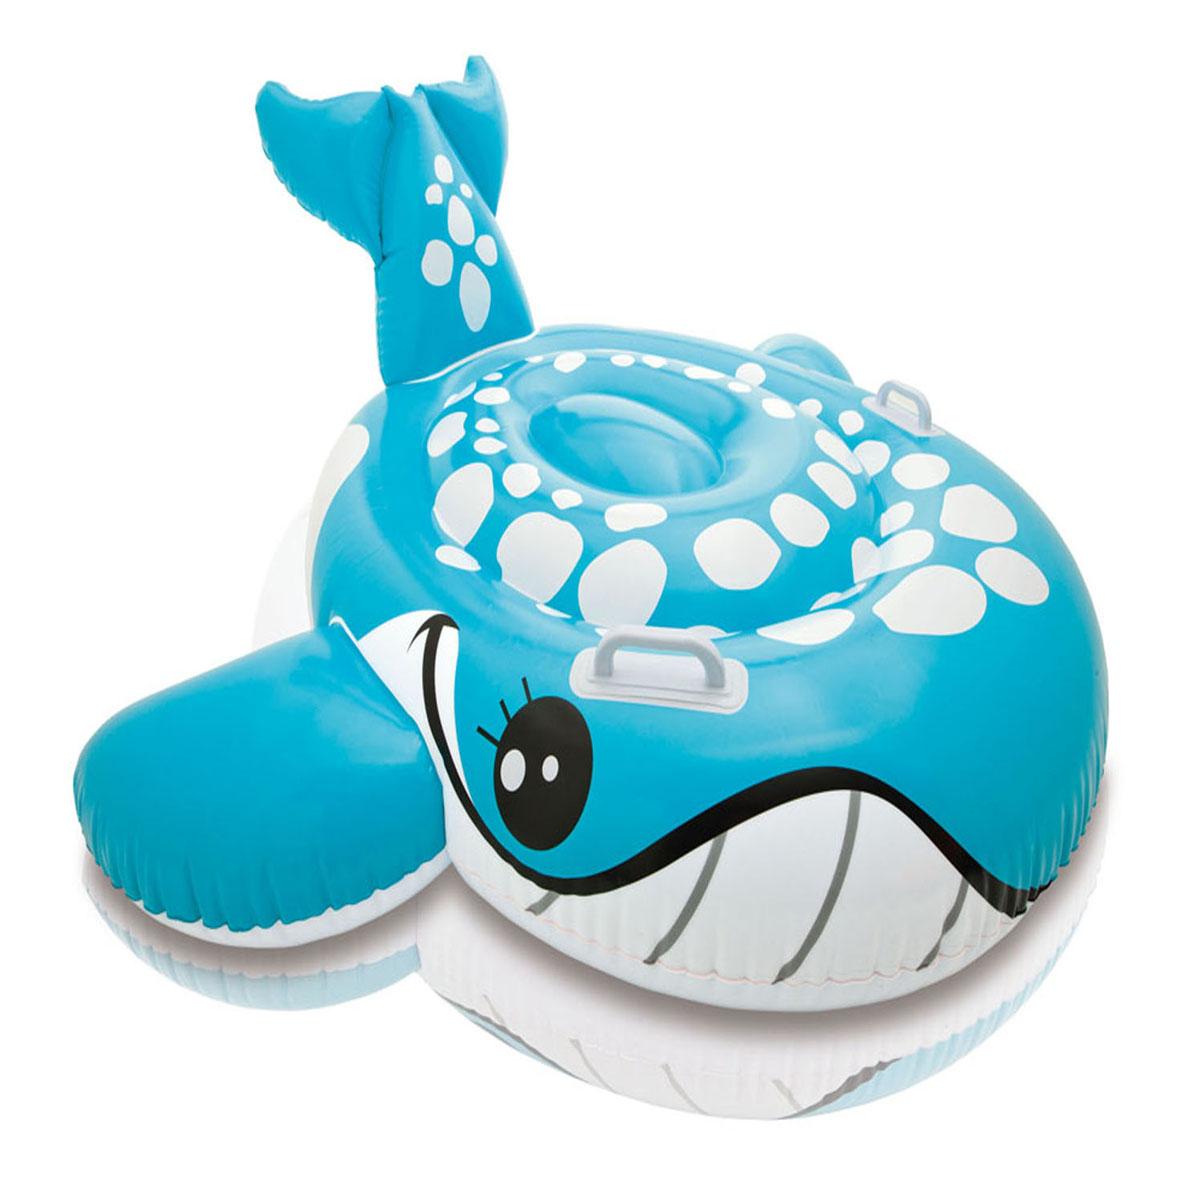 Надувной кит для плавания - Детские надувные игрушки и бассейны, артикул: 96966